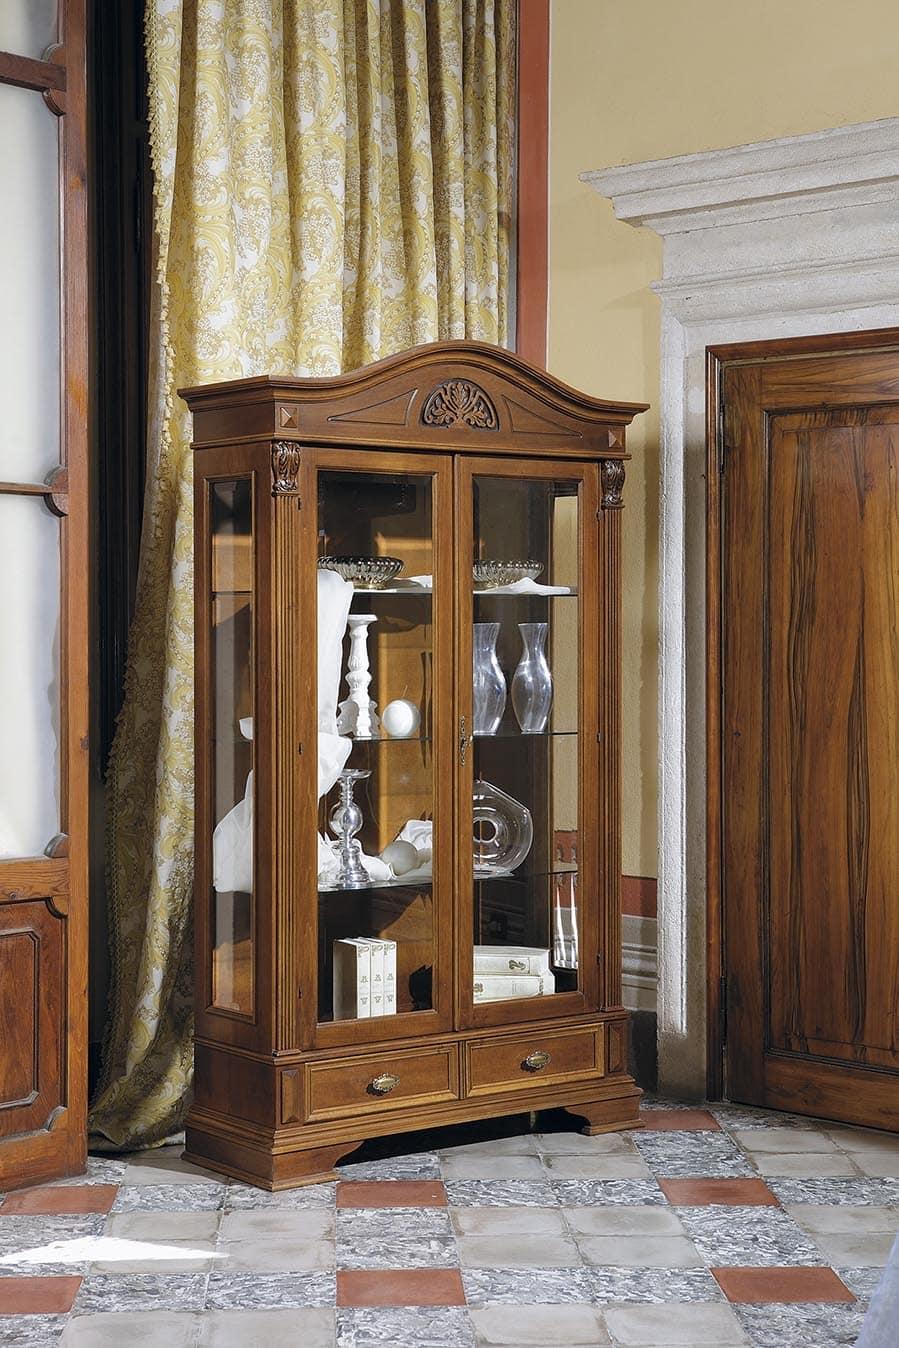 vitrine mit 2 glast ren f r restaurants und hotels idfdesign. Black Bedroom Furniture Sets. Home Design Ideas